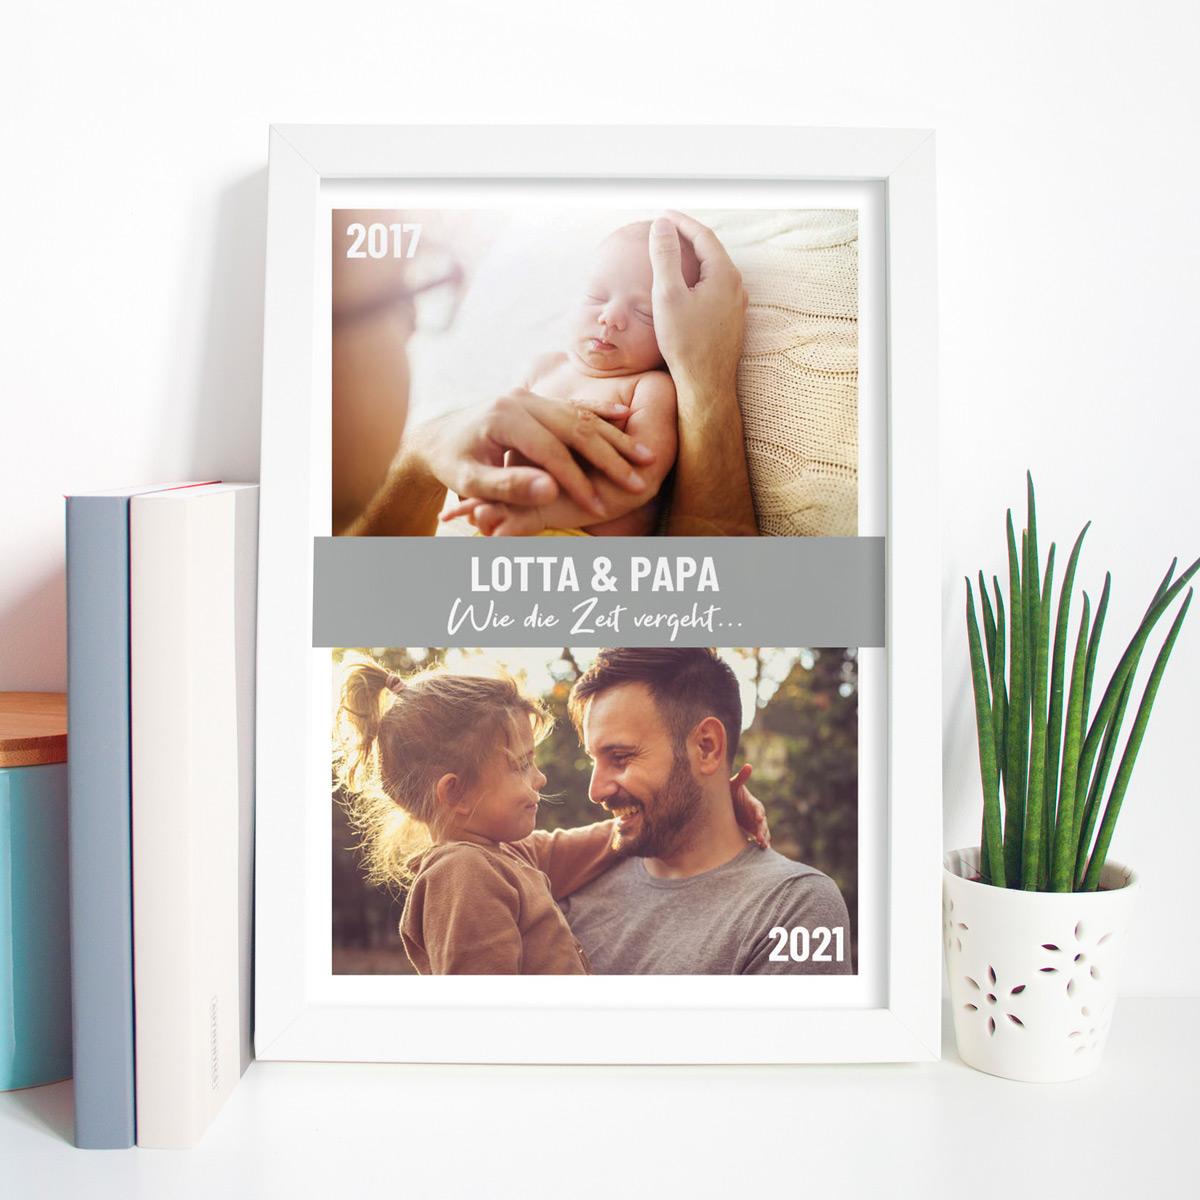 Vatertagsgeschenke personalisierbares Poster mit Bildern